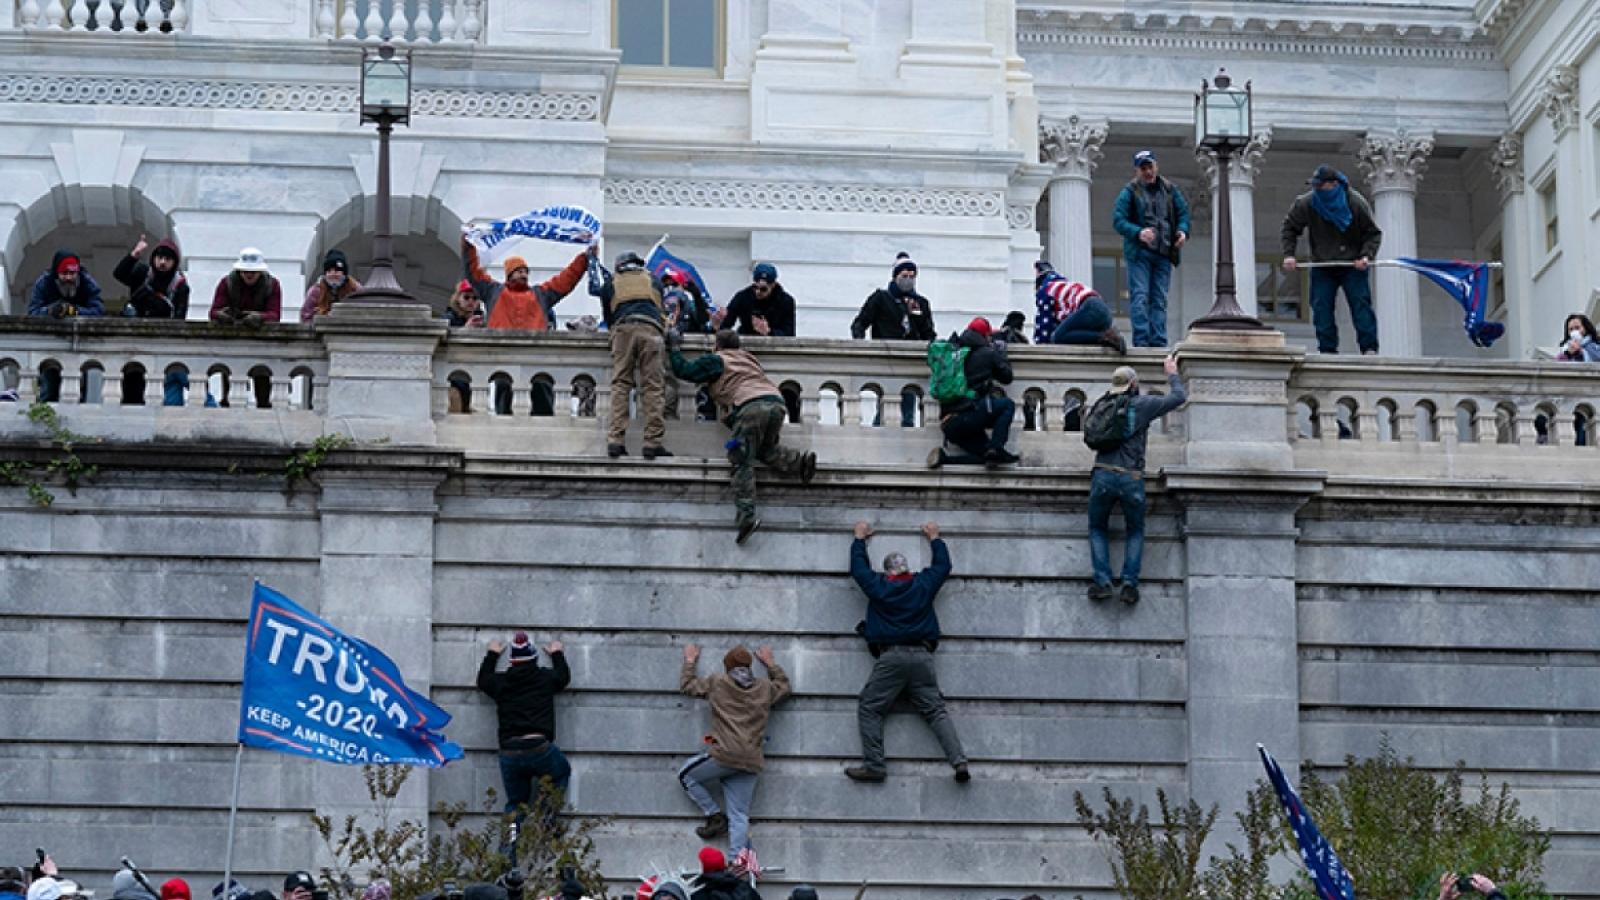 """Hạ nghị sĩ Mỹ gọi biểu tình bạo động tại khu vực Quốc hội Mỹ là """"nỗ lực đảo chính"""""""